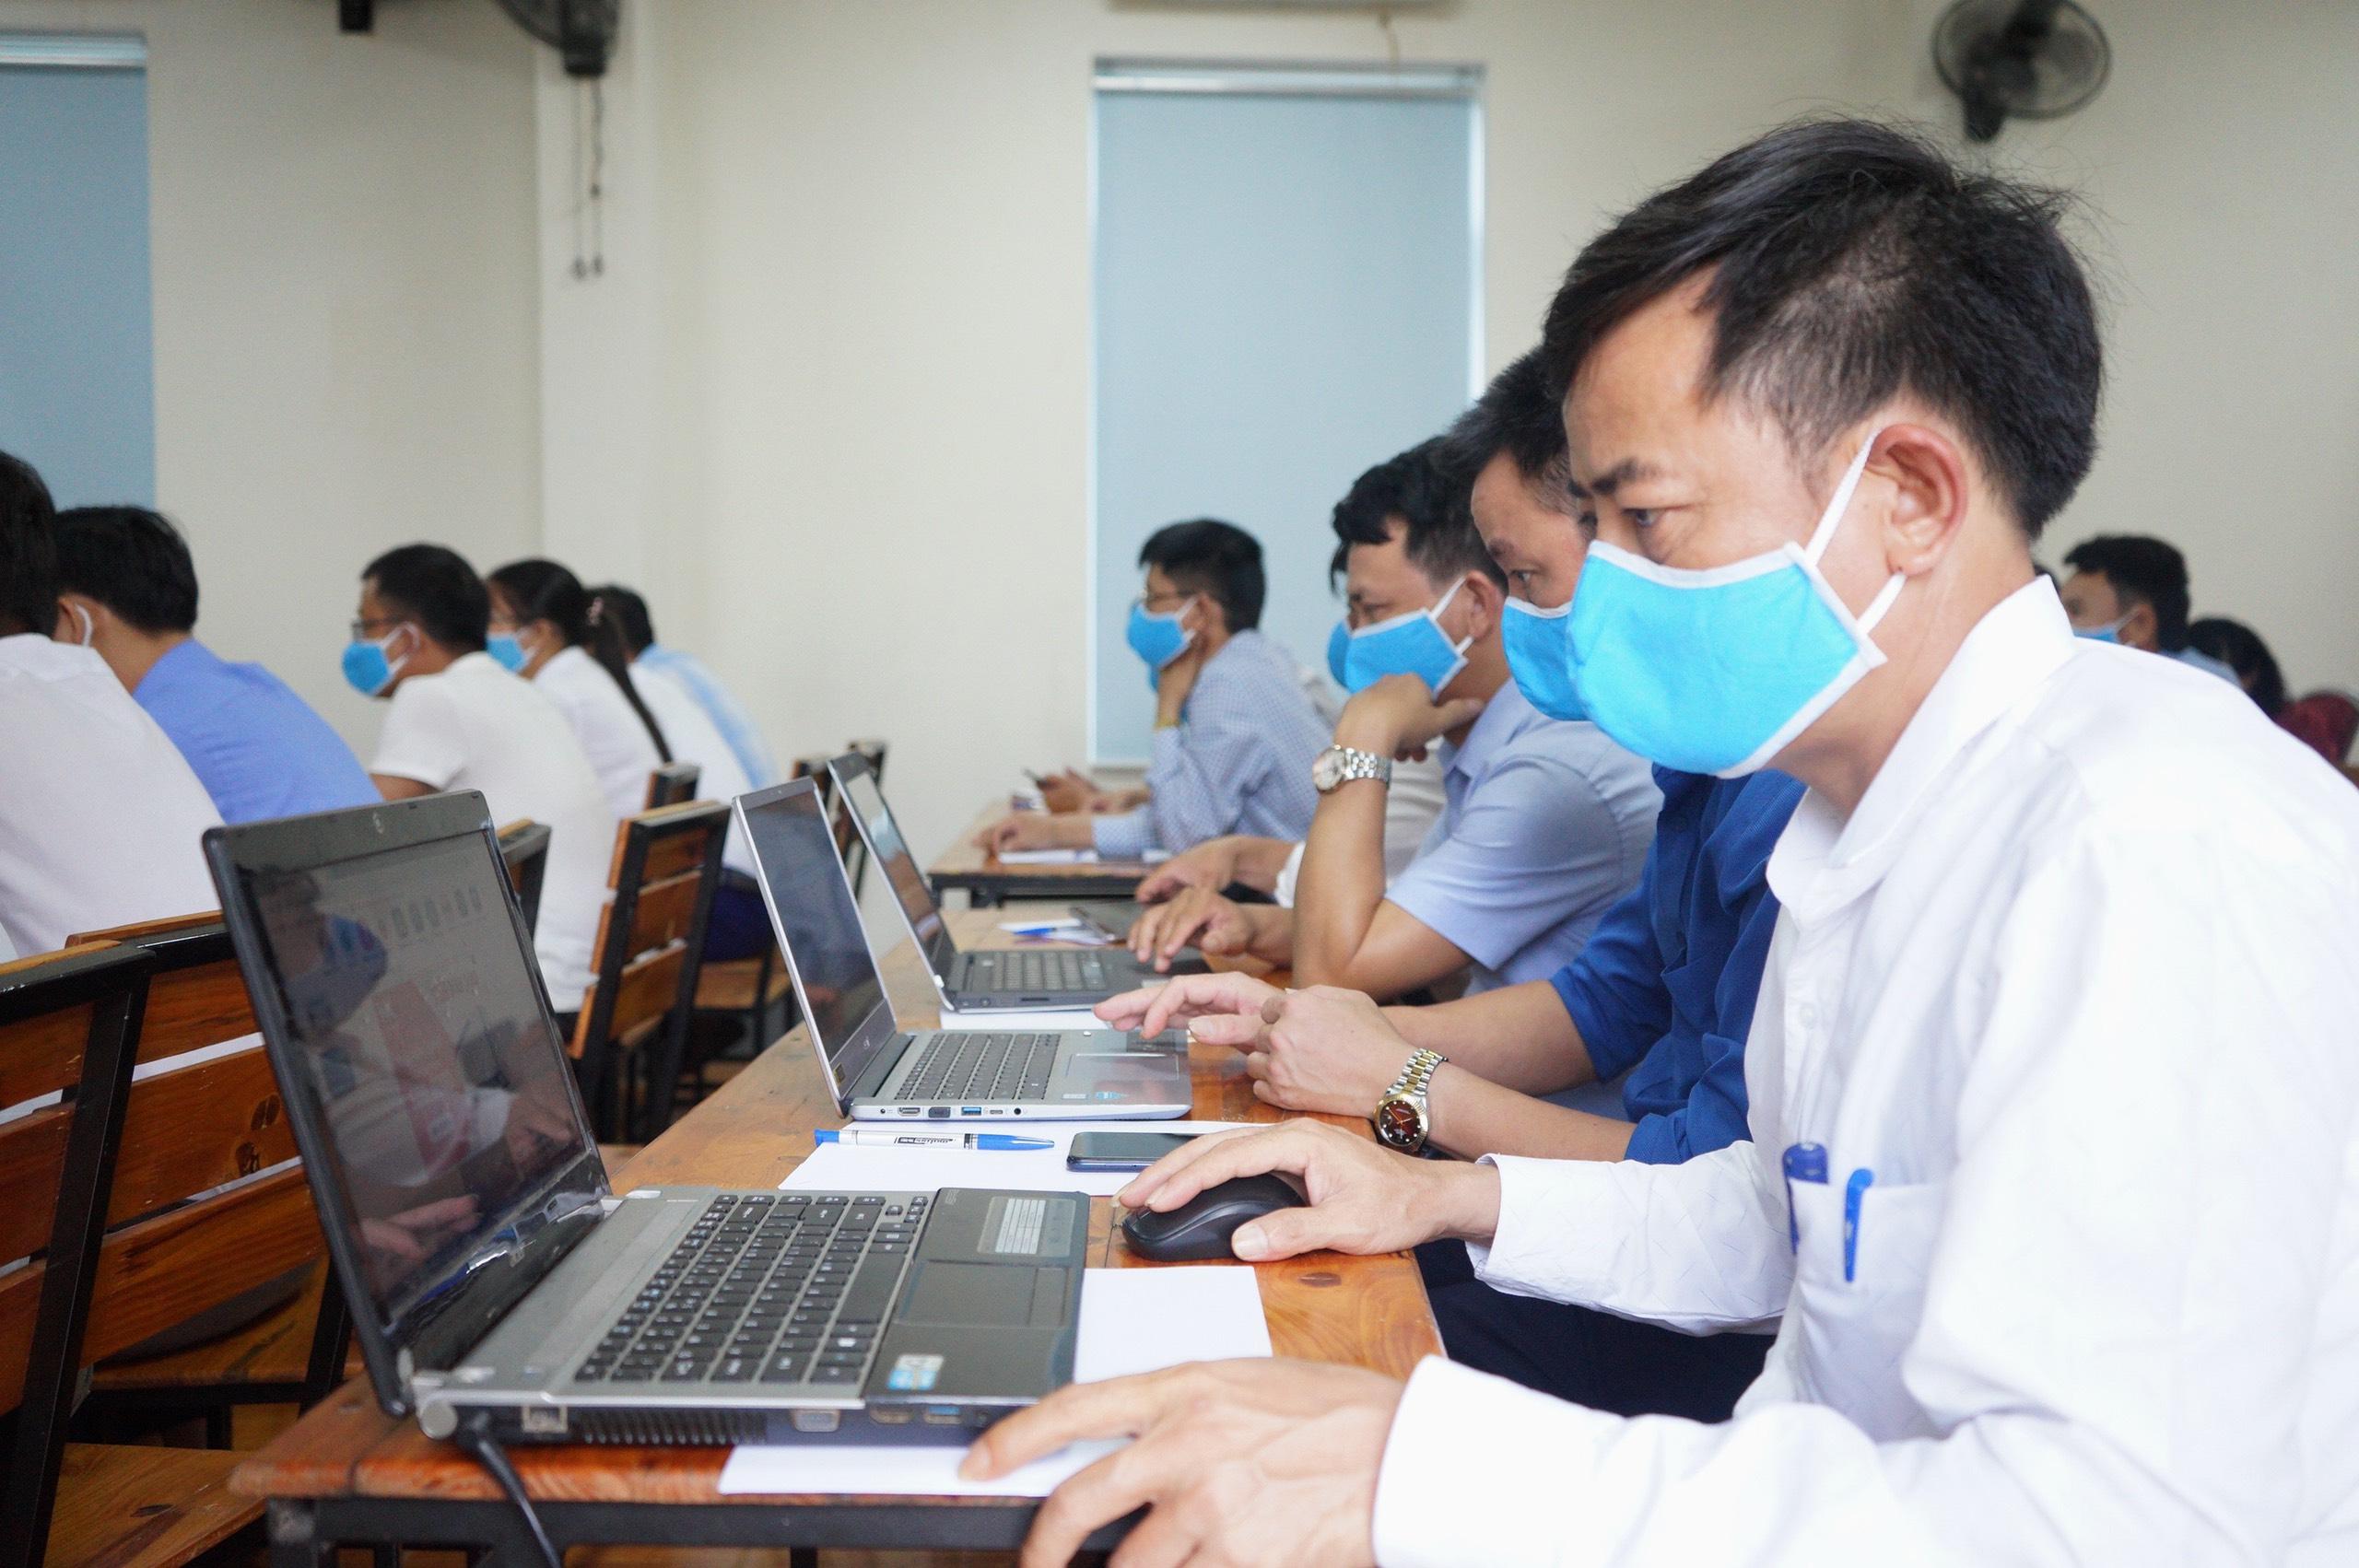 Đào tạo nâng cao kỹ năng ứng dụng CNTT cho Lãnh đạo CIO cấp xã, thị trấn và đội ngũ cán bộ VHTT huyện Hương Khê năm 2020